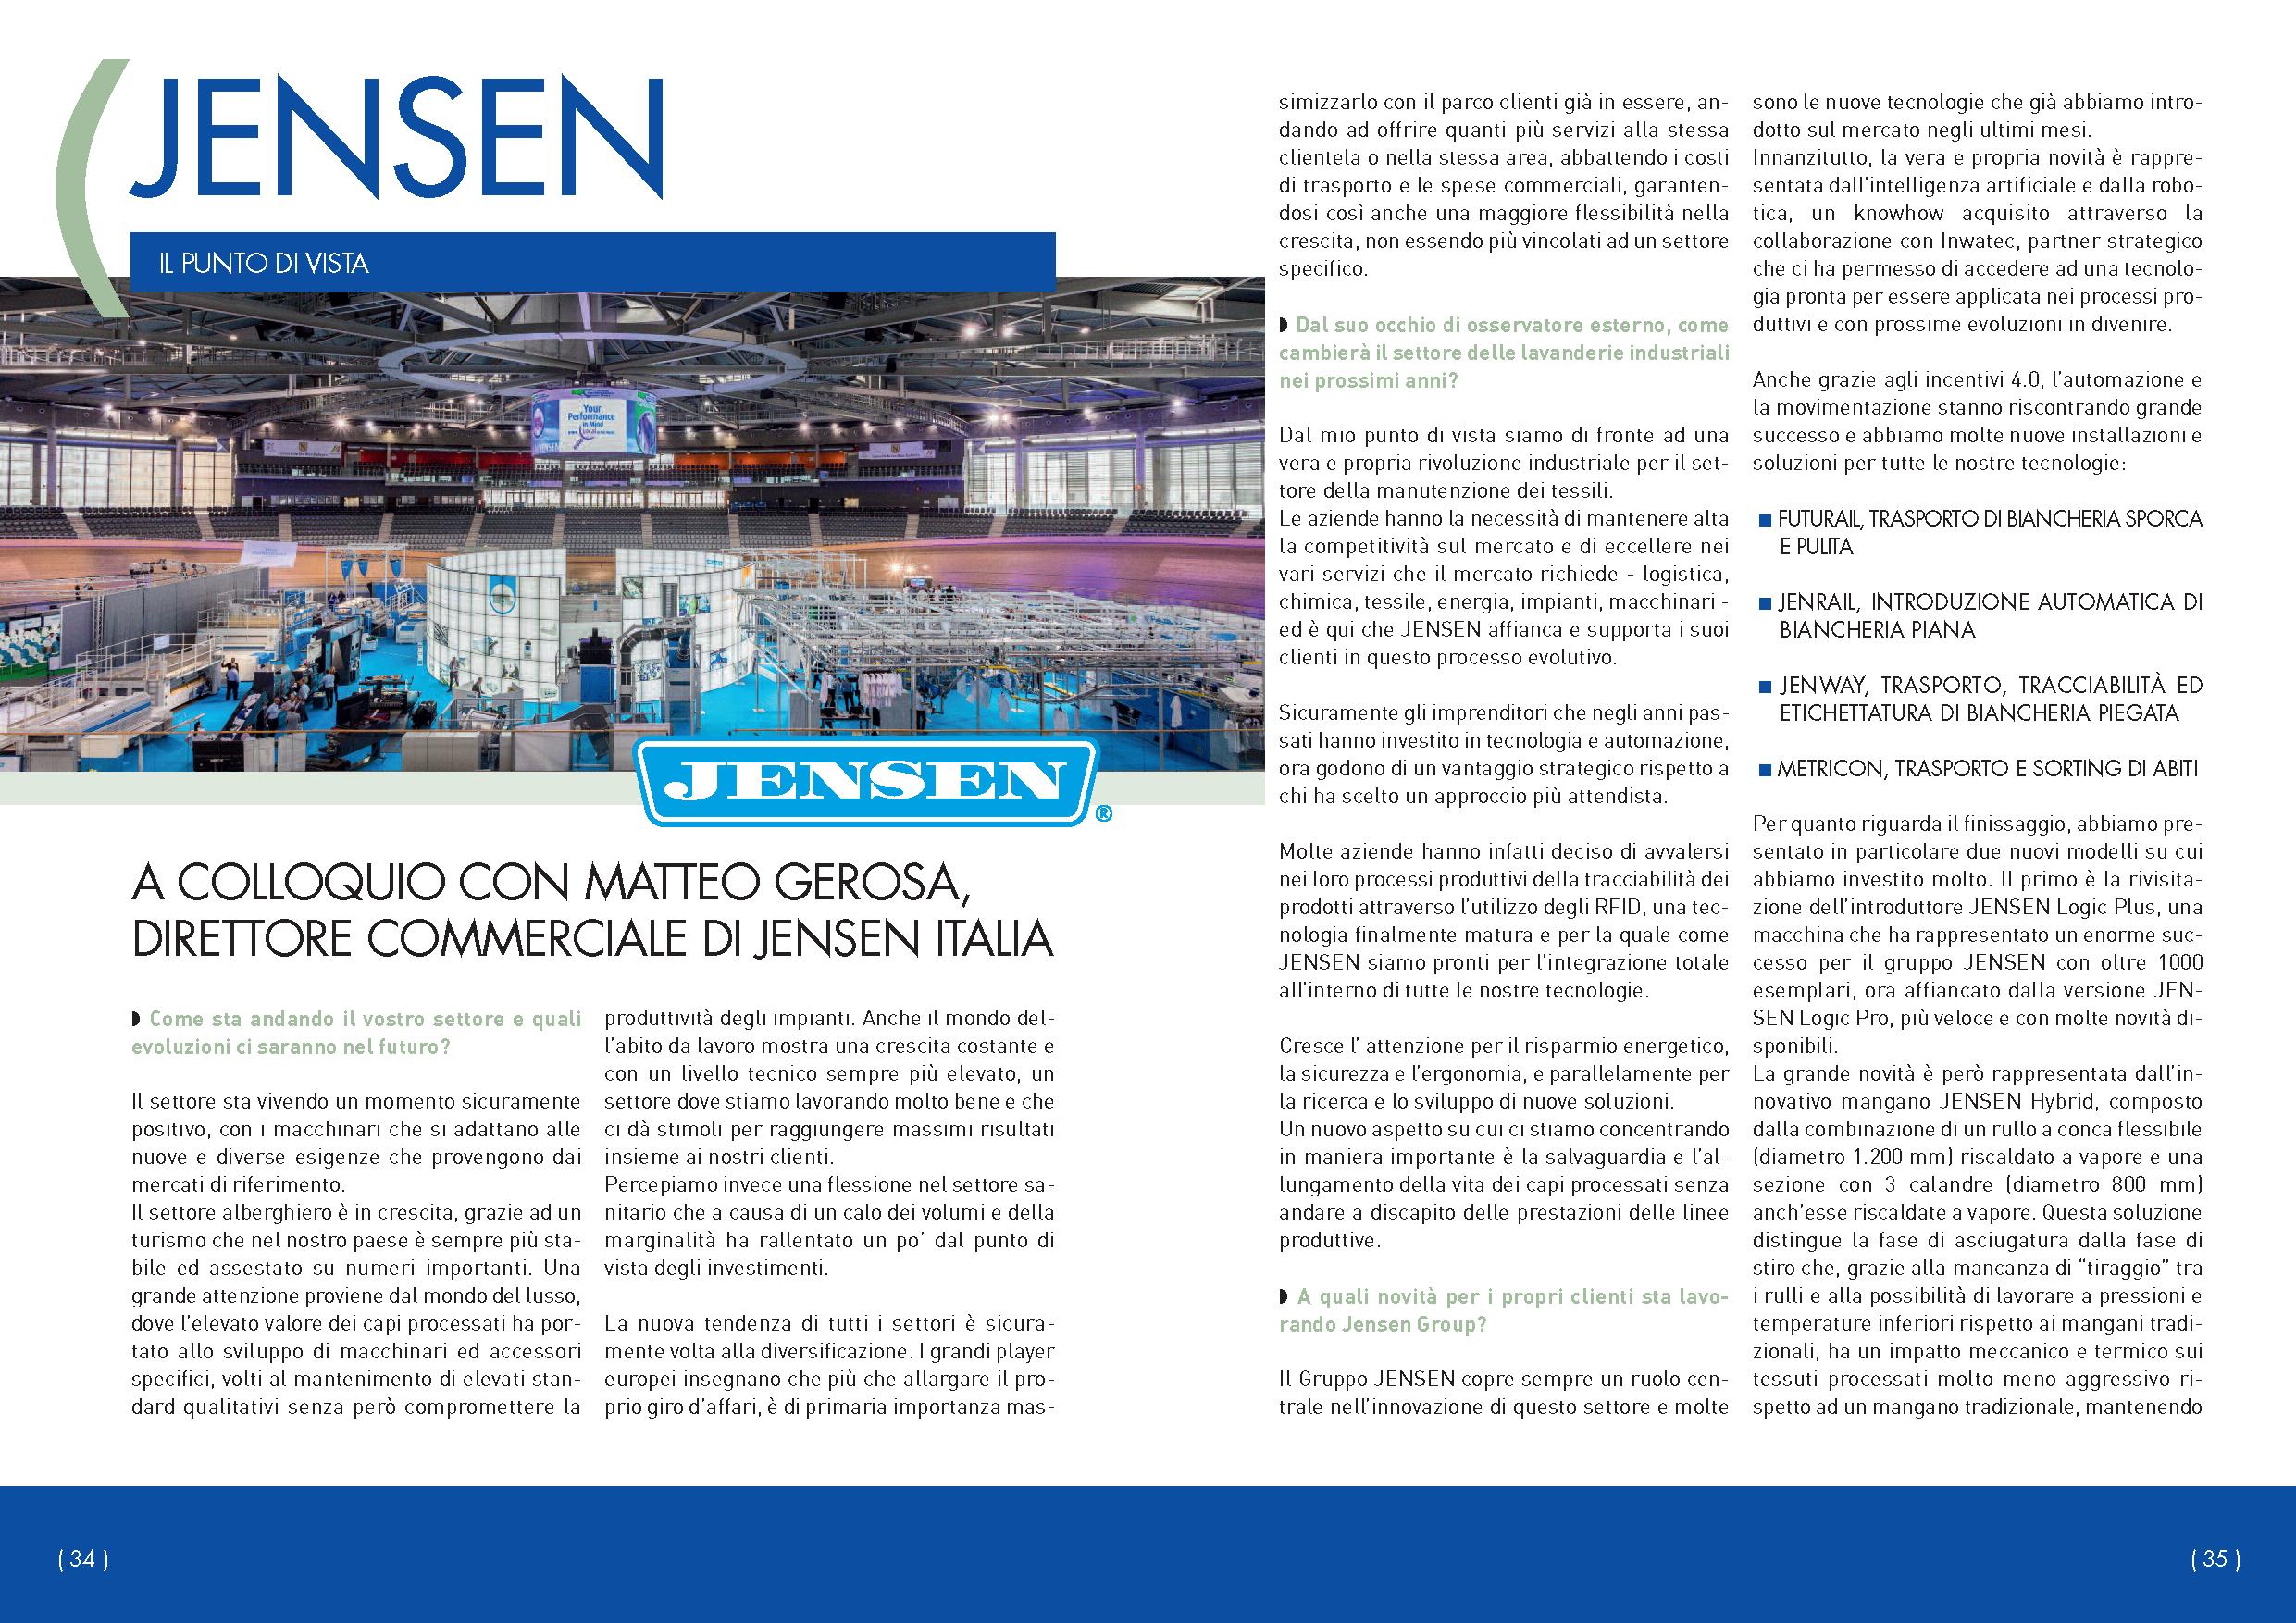 articolo-jensen-002_pagina_1